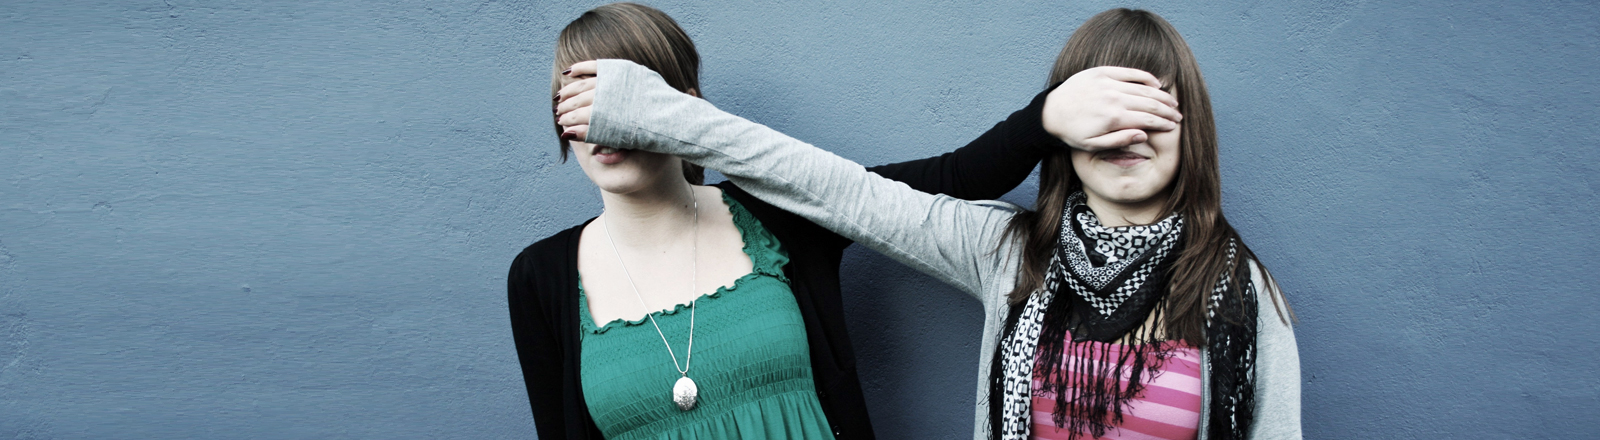 Zwei junge Frauen halten sich gegenseitig die Augen zu.